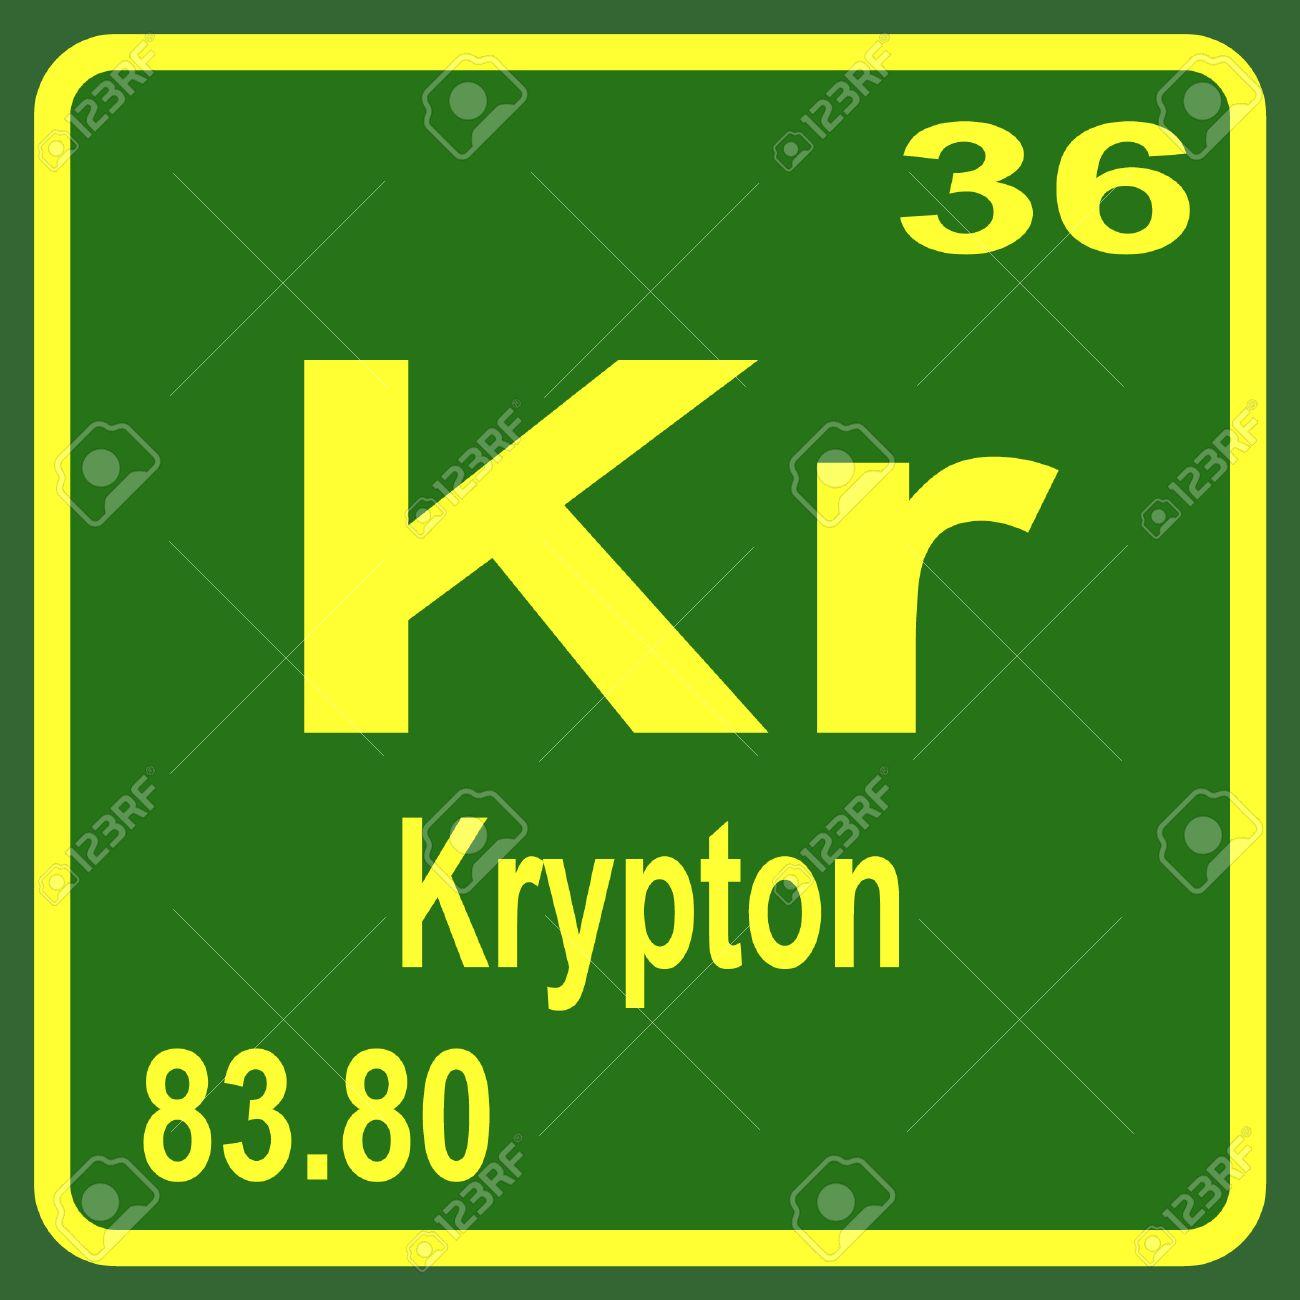 Krypton symbol periodic table images periodic table images krypton symbol periodic table choice image periodic table images krypton symbol periodic table choice image periodic gamestrikefo Images